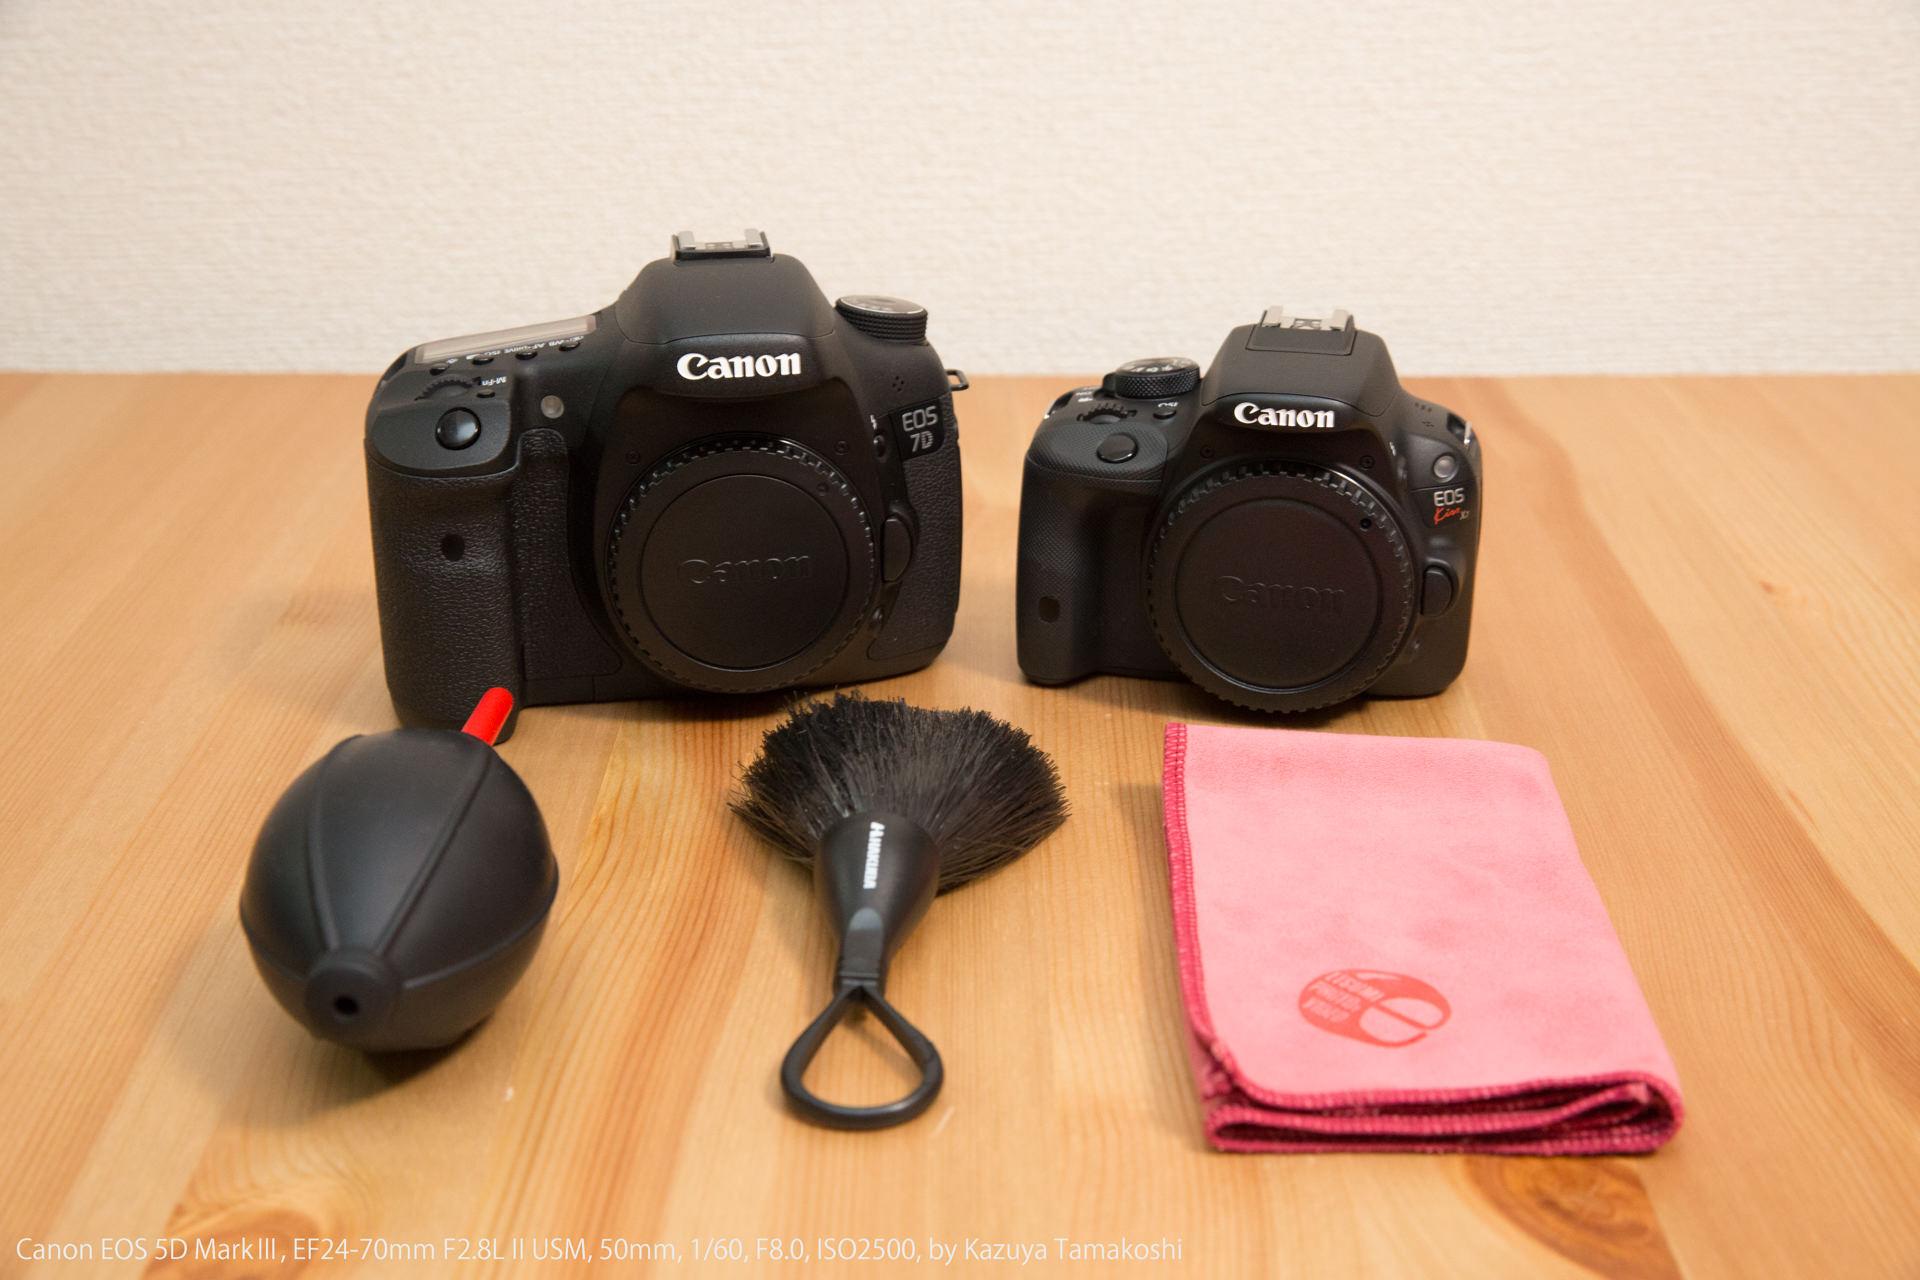 ブロワー、ブラシ、クリーニングクロスとカメラが写った写真